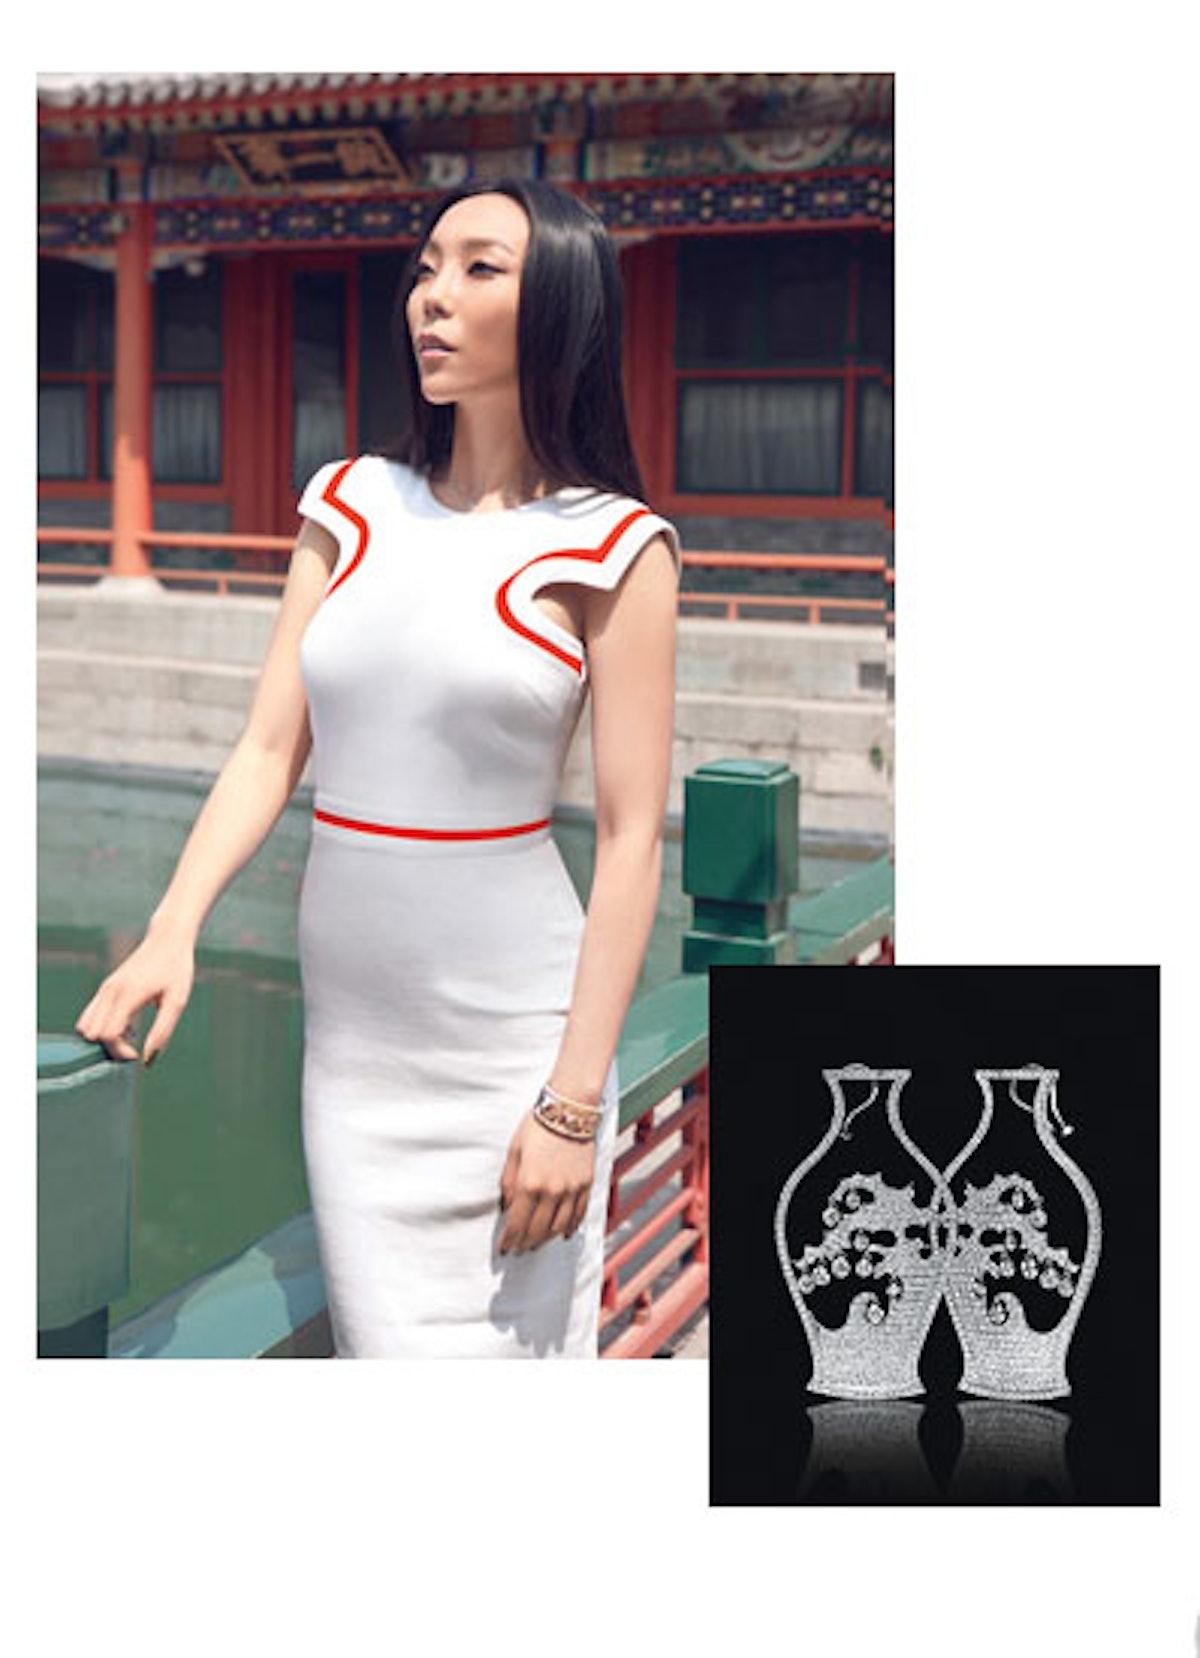 fass-china-it-girl-05-v.jpg